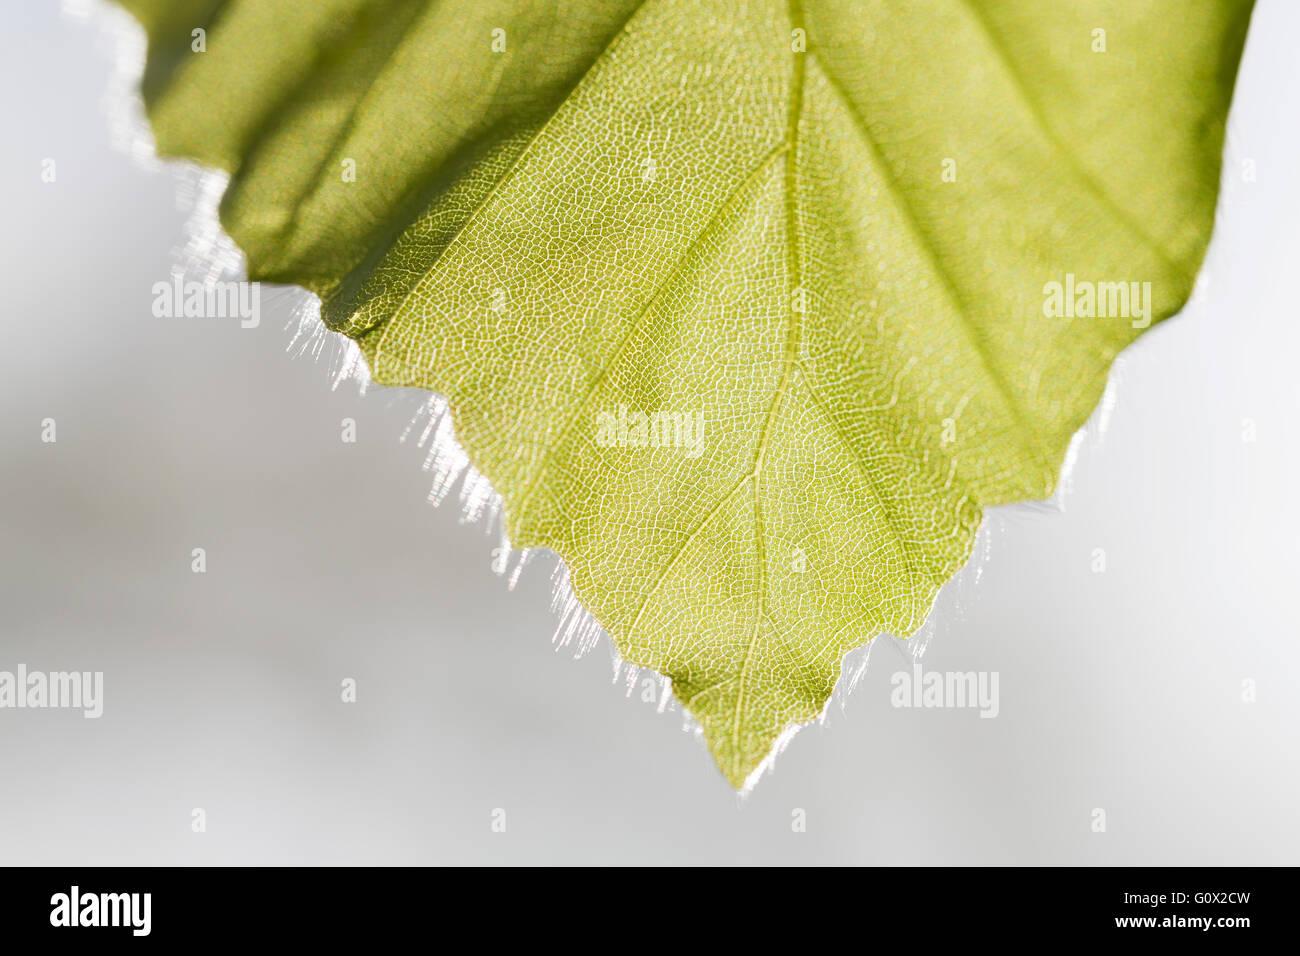 Immagine macro di un frassino punta di foglia che mostra la struttura di foglia con i capelli e la venatura. Immagini Stock